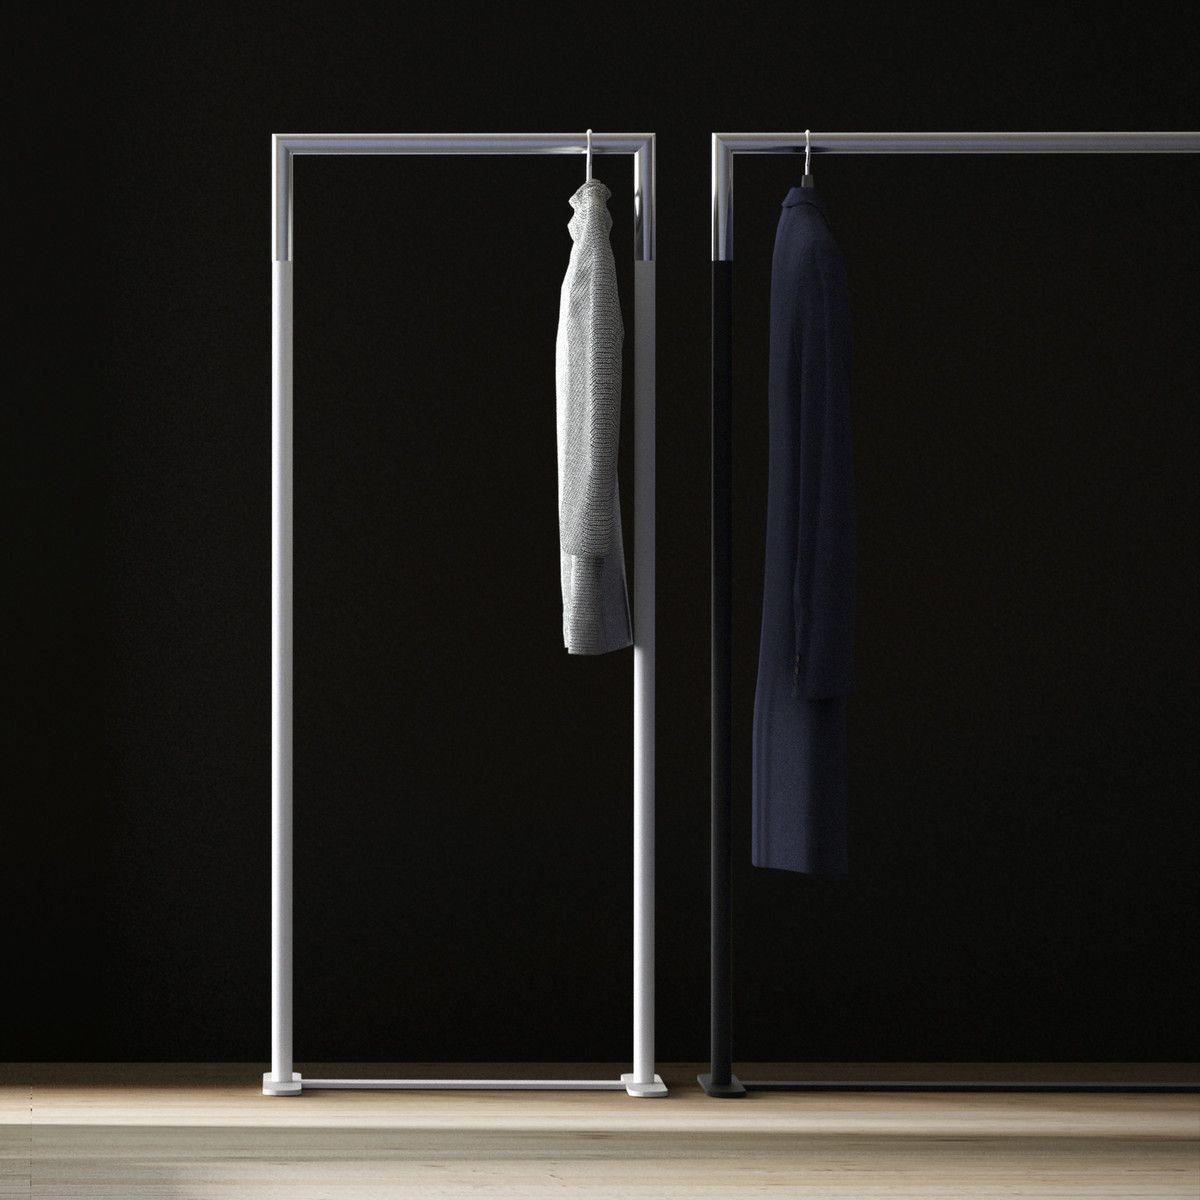 Kleiderständer Edelstahl Design bukto c stand kleiderständer 60 x 150 cm weiß